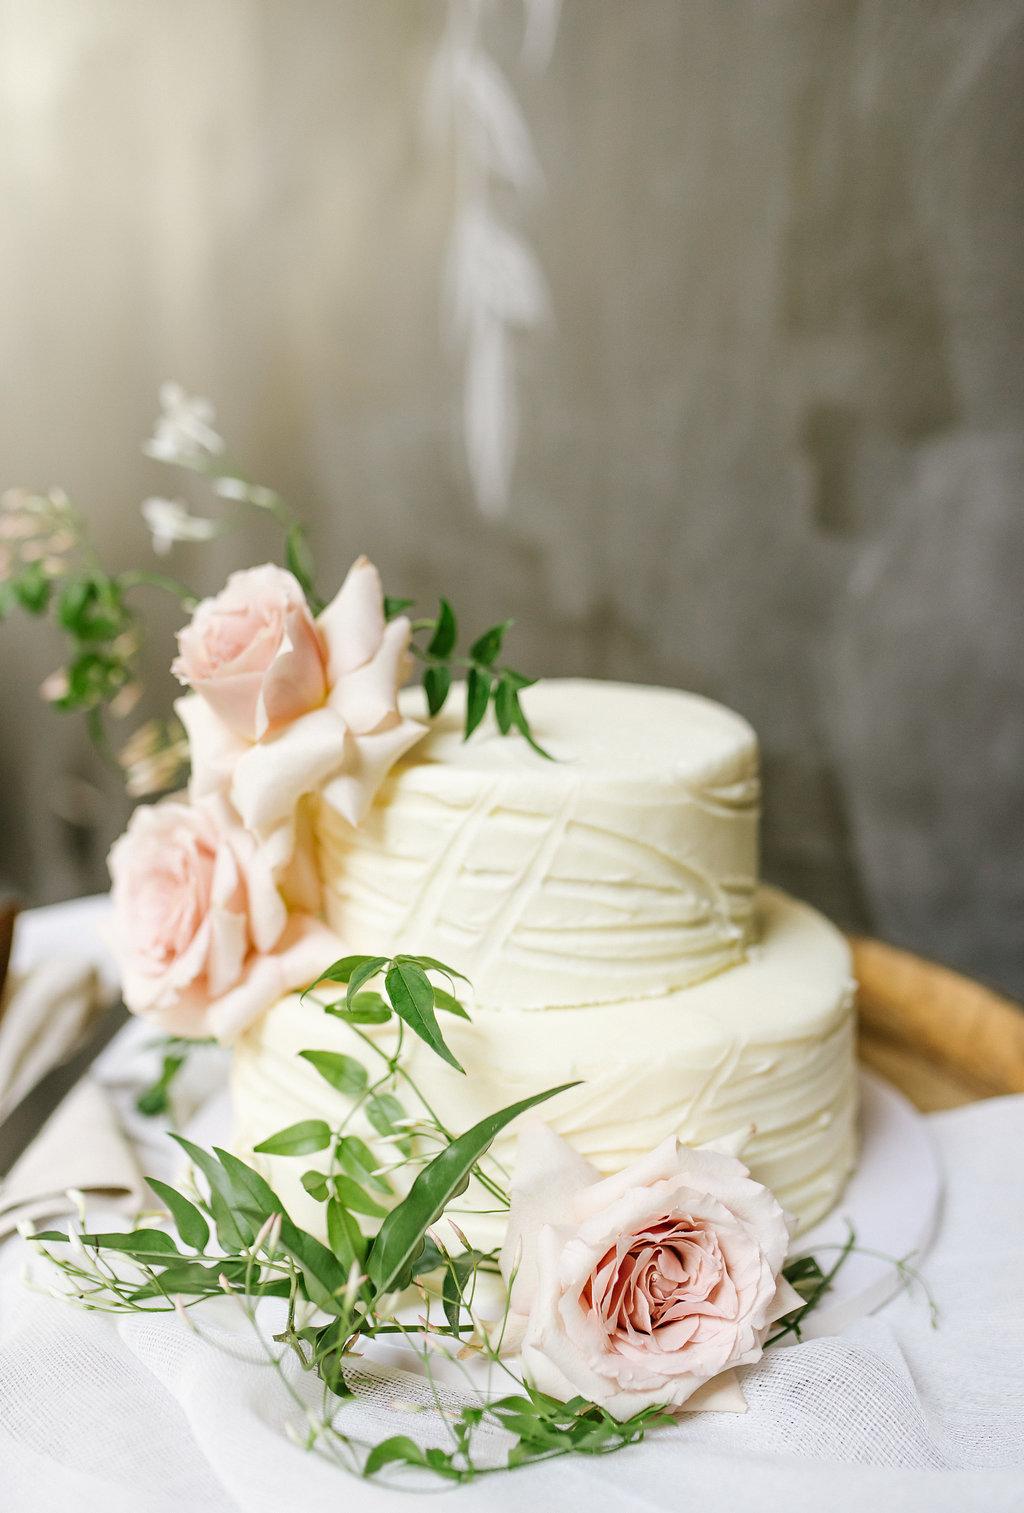 DarcyBrian_wedding_cdp-41.jpg